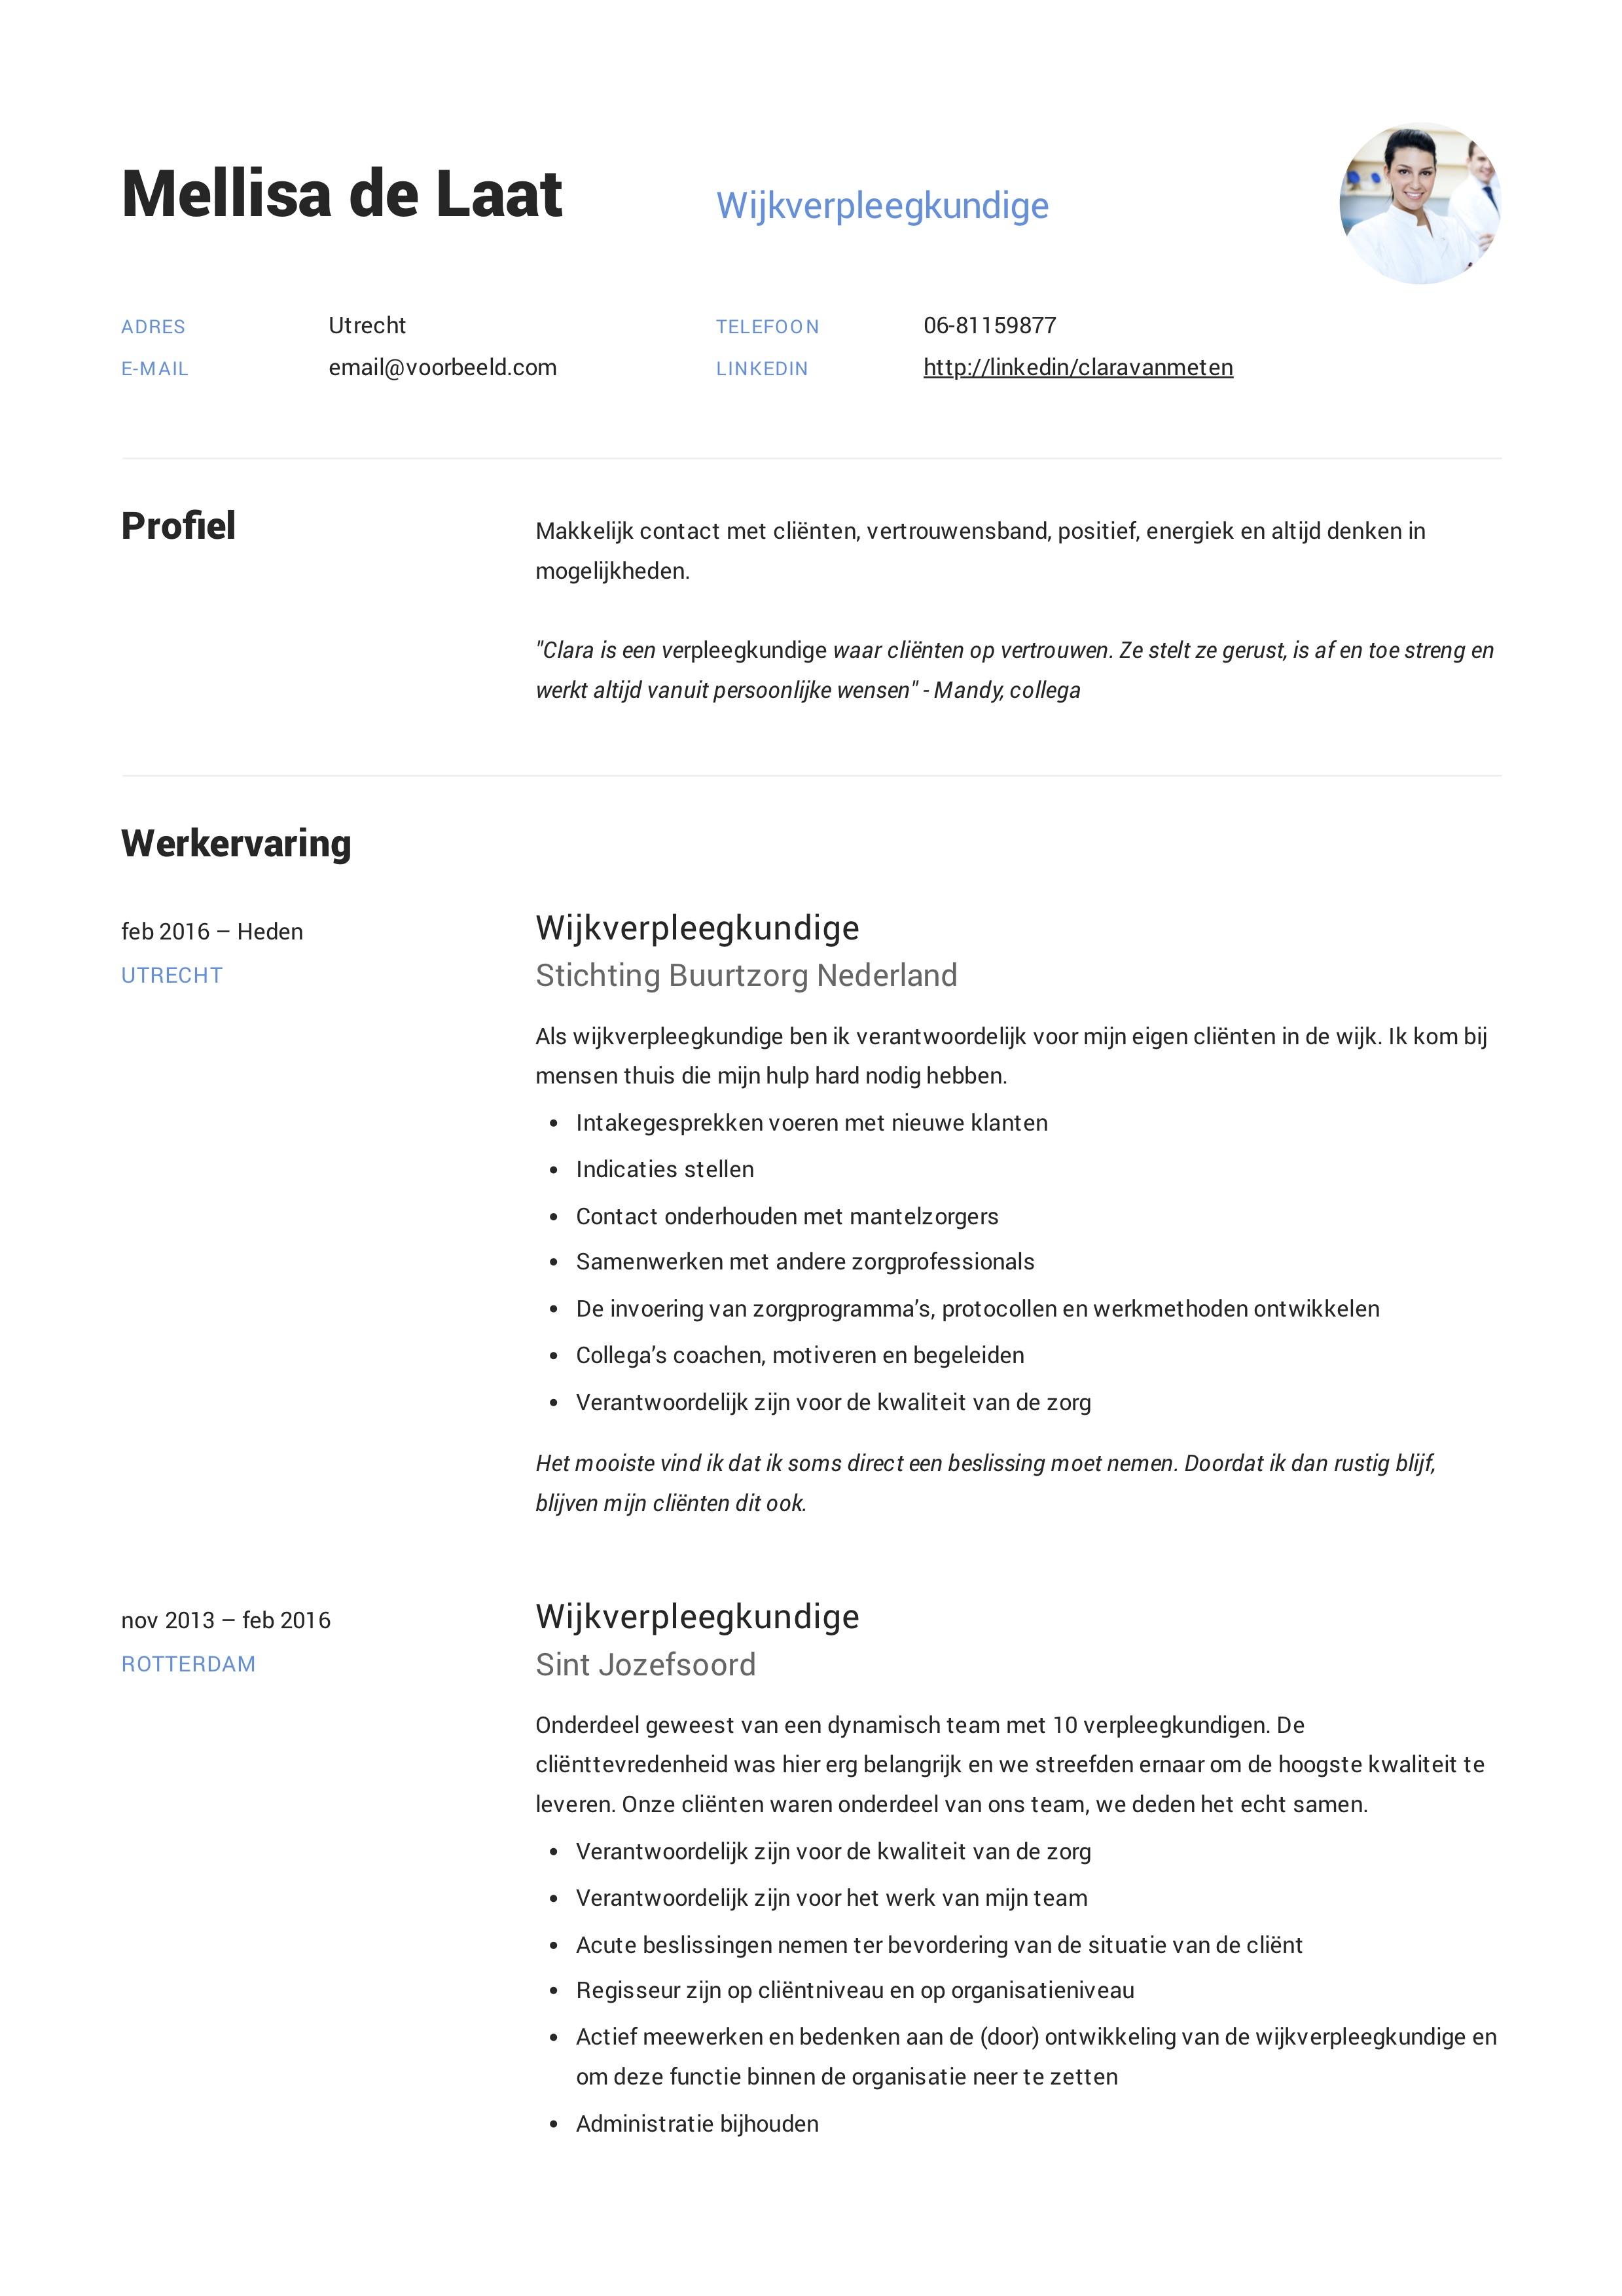 Mellisa_de_Laat_-_CV_-_Wijkverpleegkundige (9)